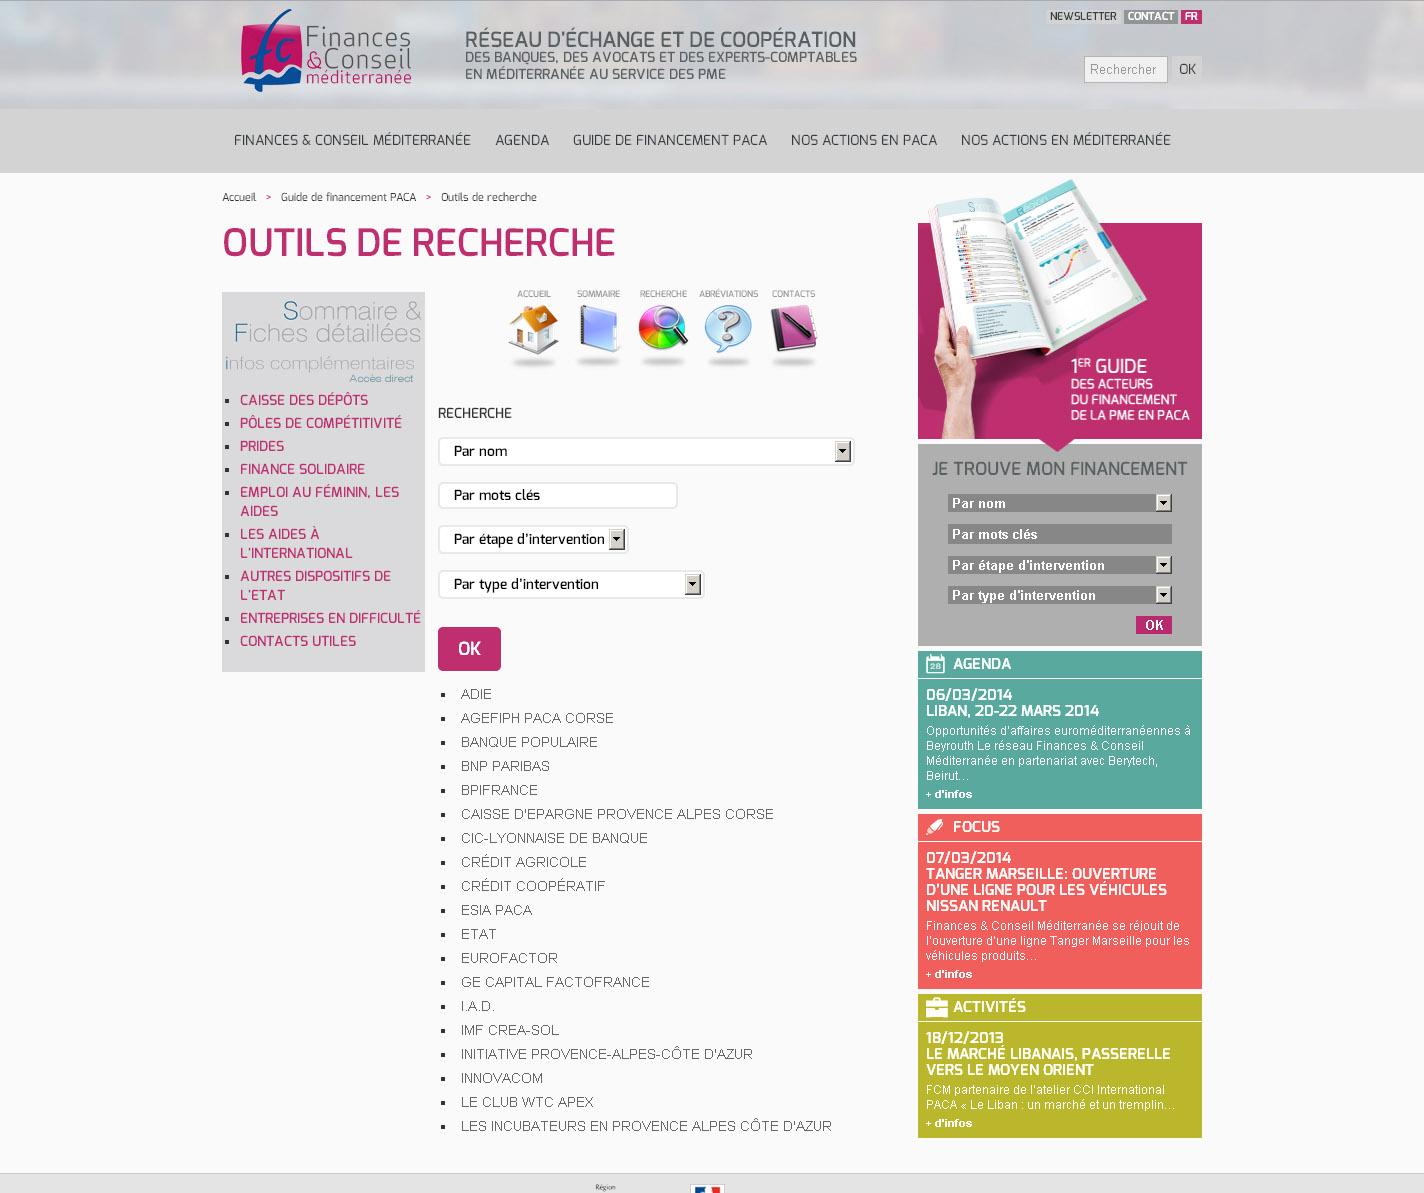 Finances Conseil Méditerranée - Guide de financement Paca